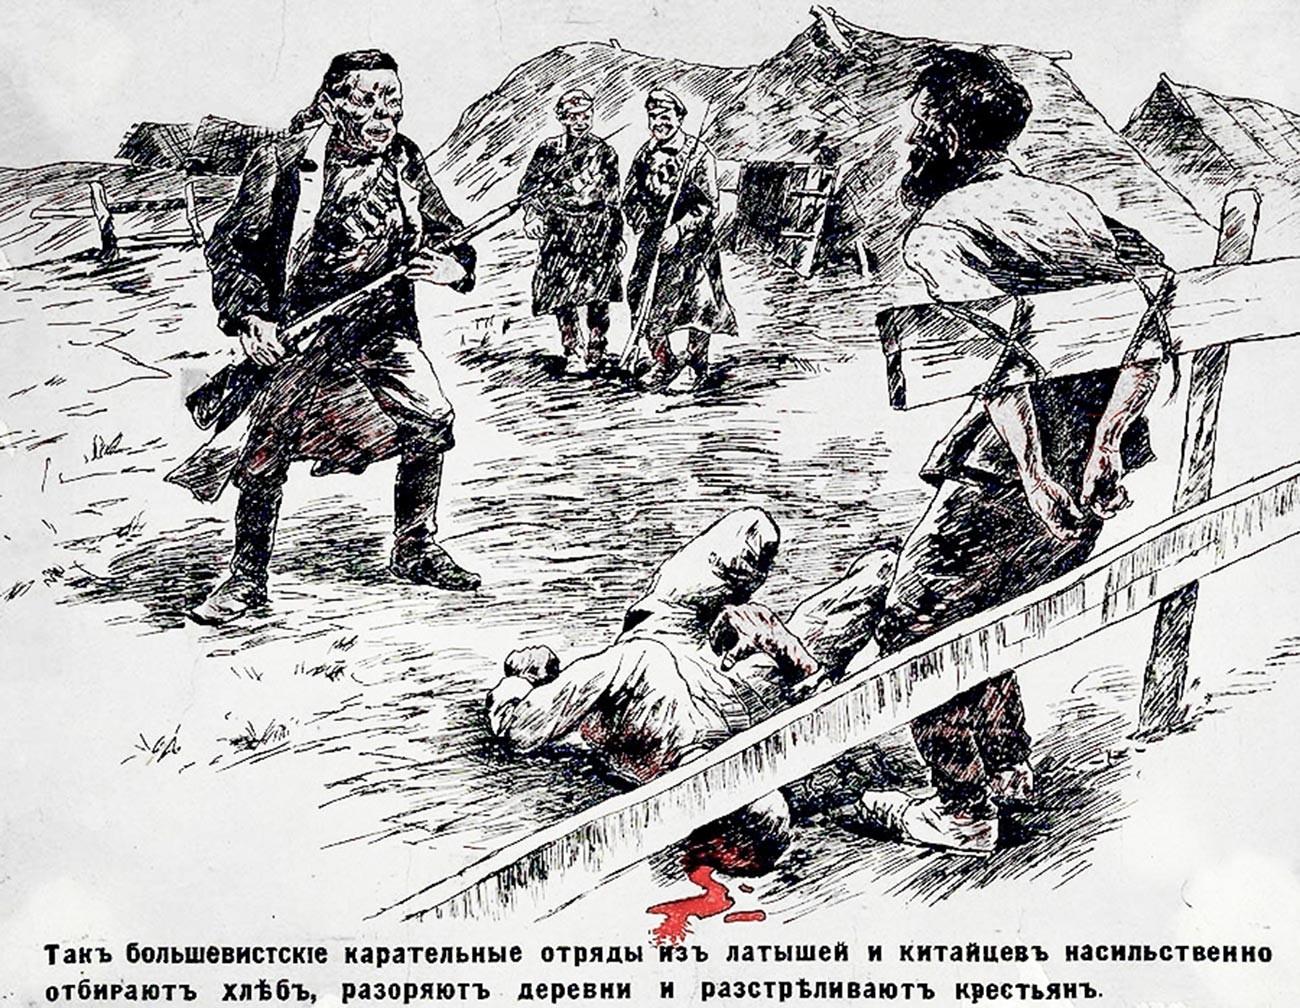 Propagandaplakat der weißen Bewegung, das rote chinesische und lettische Soldaten darstellt.